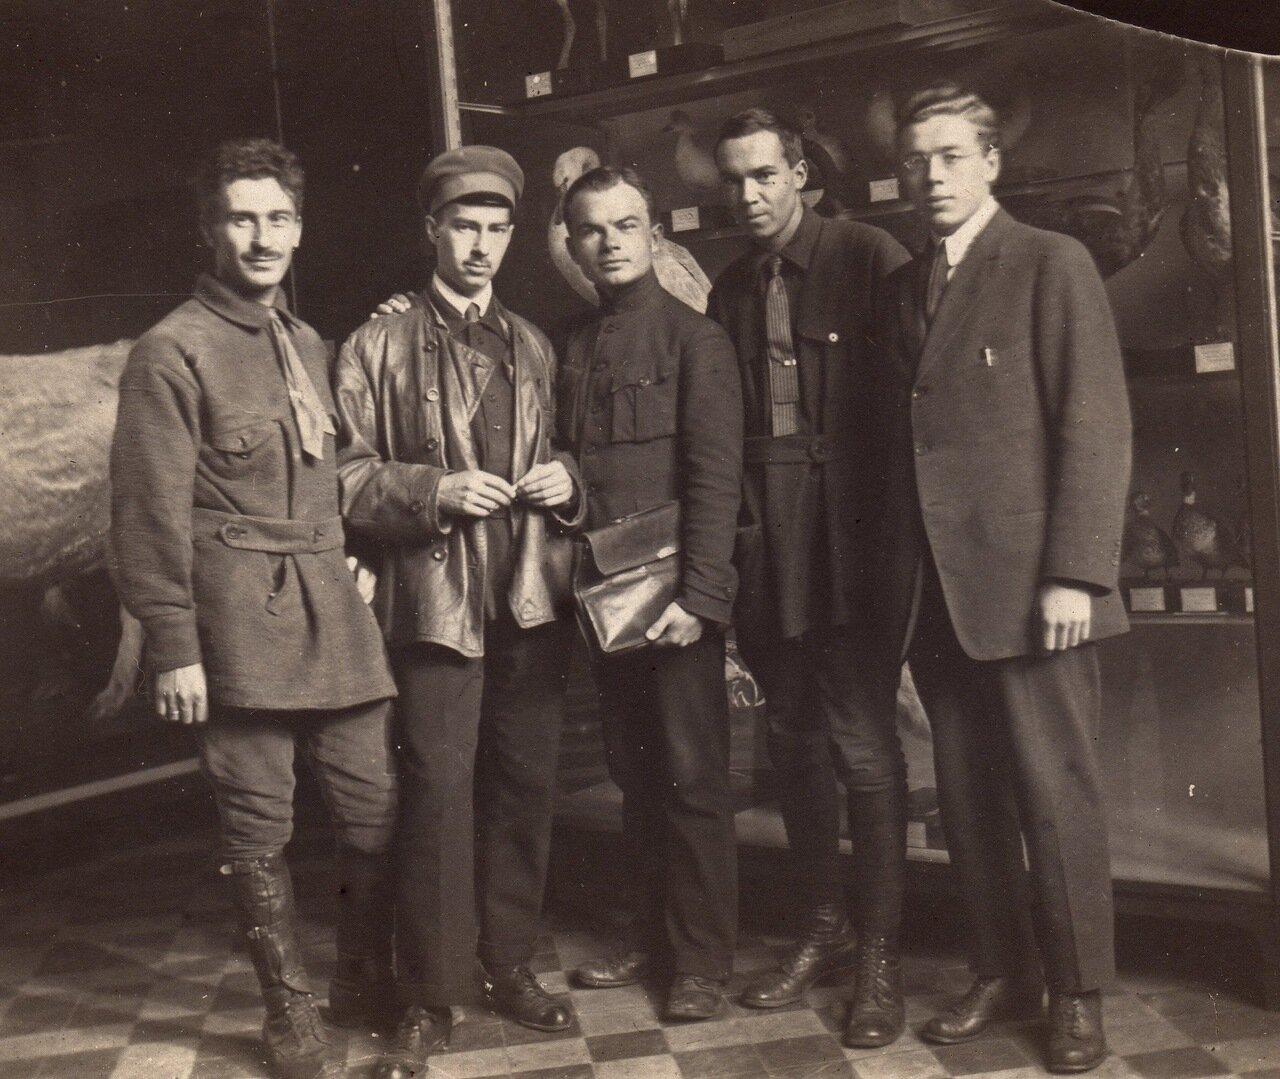 1923 г, 6 октября, в Зоомузее МГУ. Л.Б. Беме, О.А. Харузин, Л.А. Портенко, А.Н. Формозов, В.Г. Гептнер